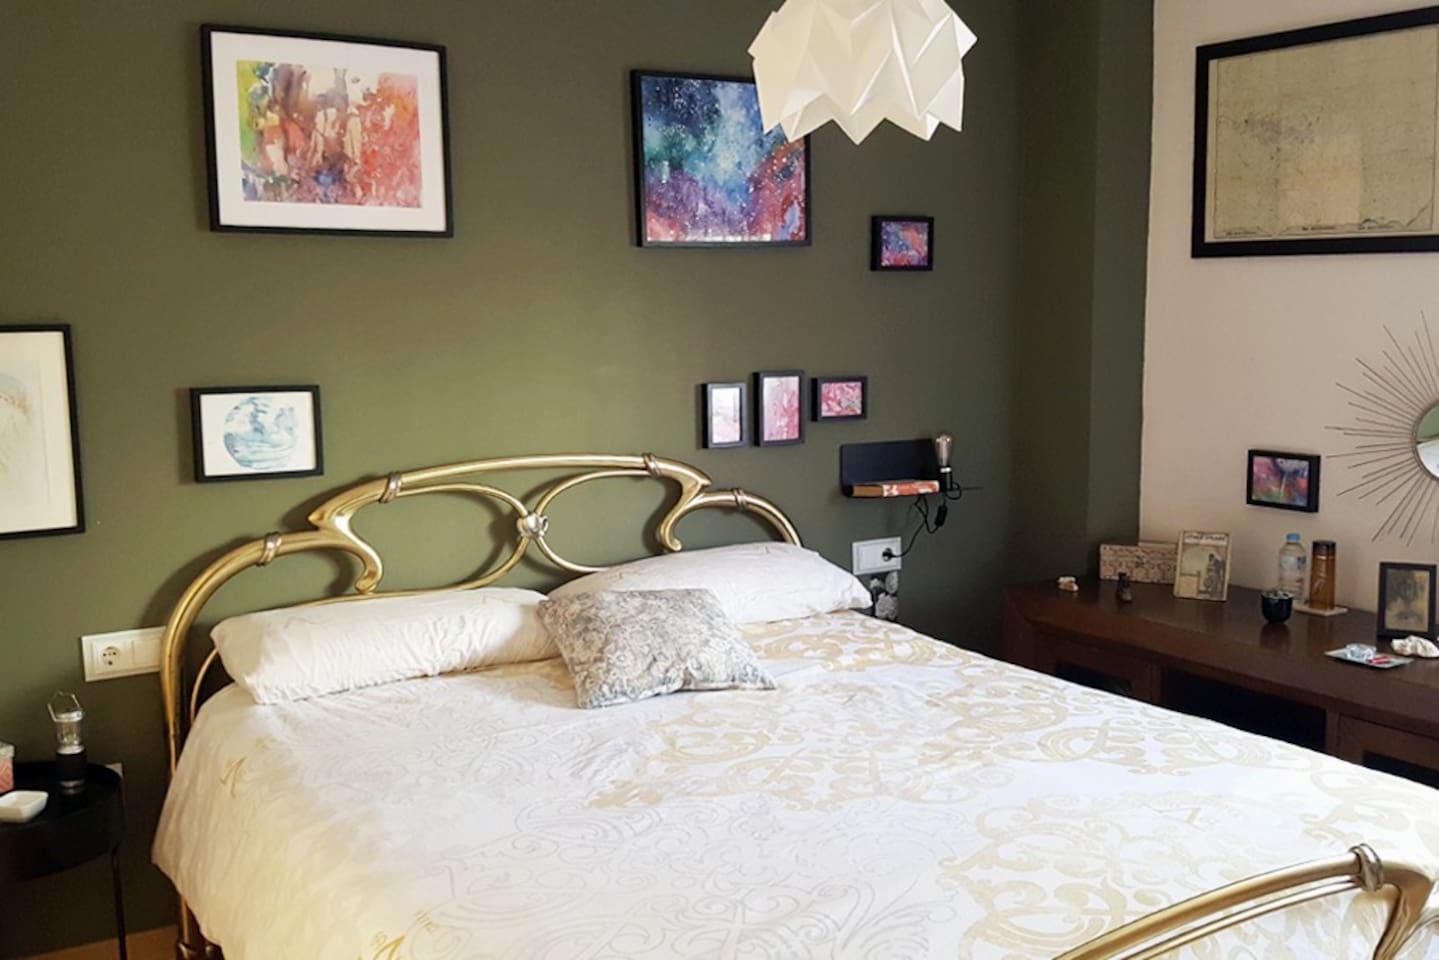 Habitación doble luminosa y acogedora, con cama de 1,60 cm. WIFI, aire acondicionado, TV